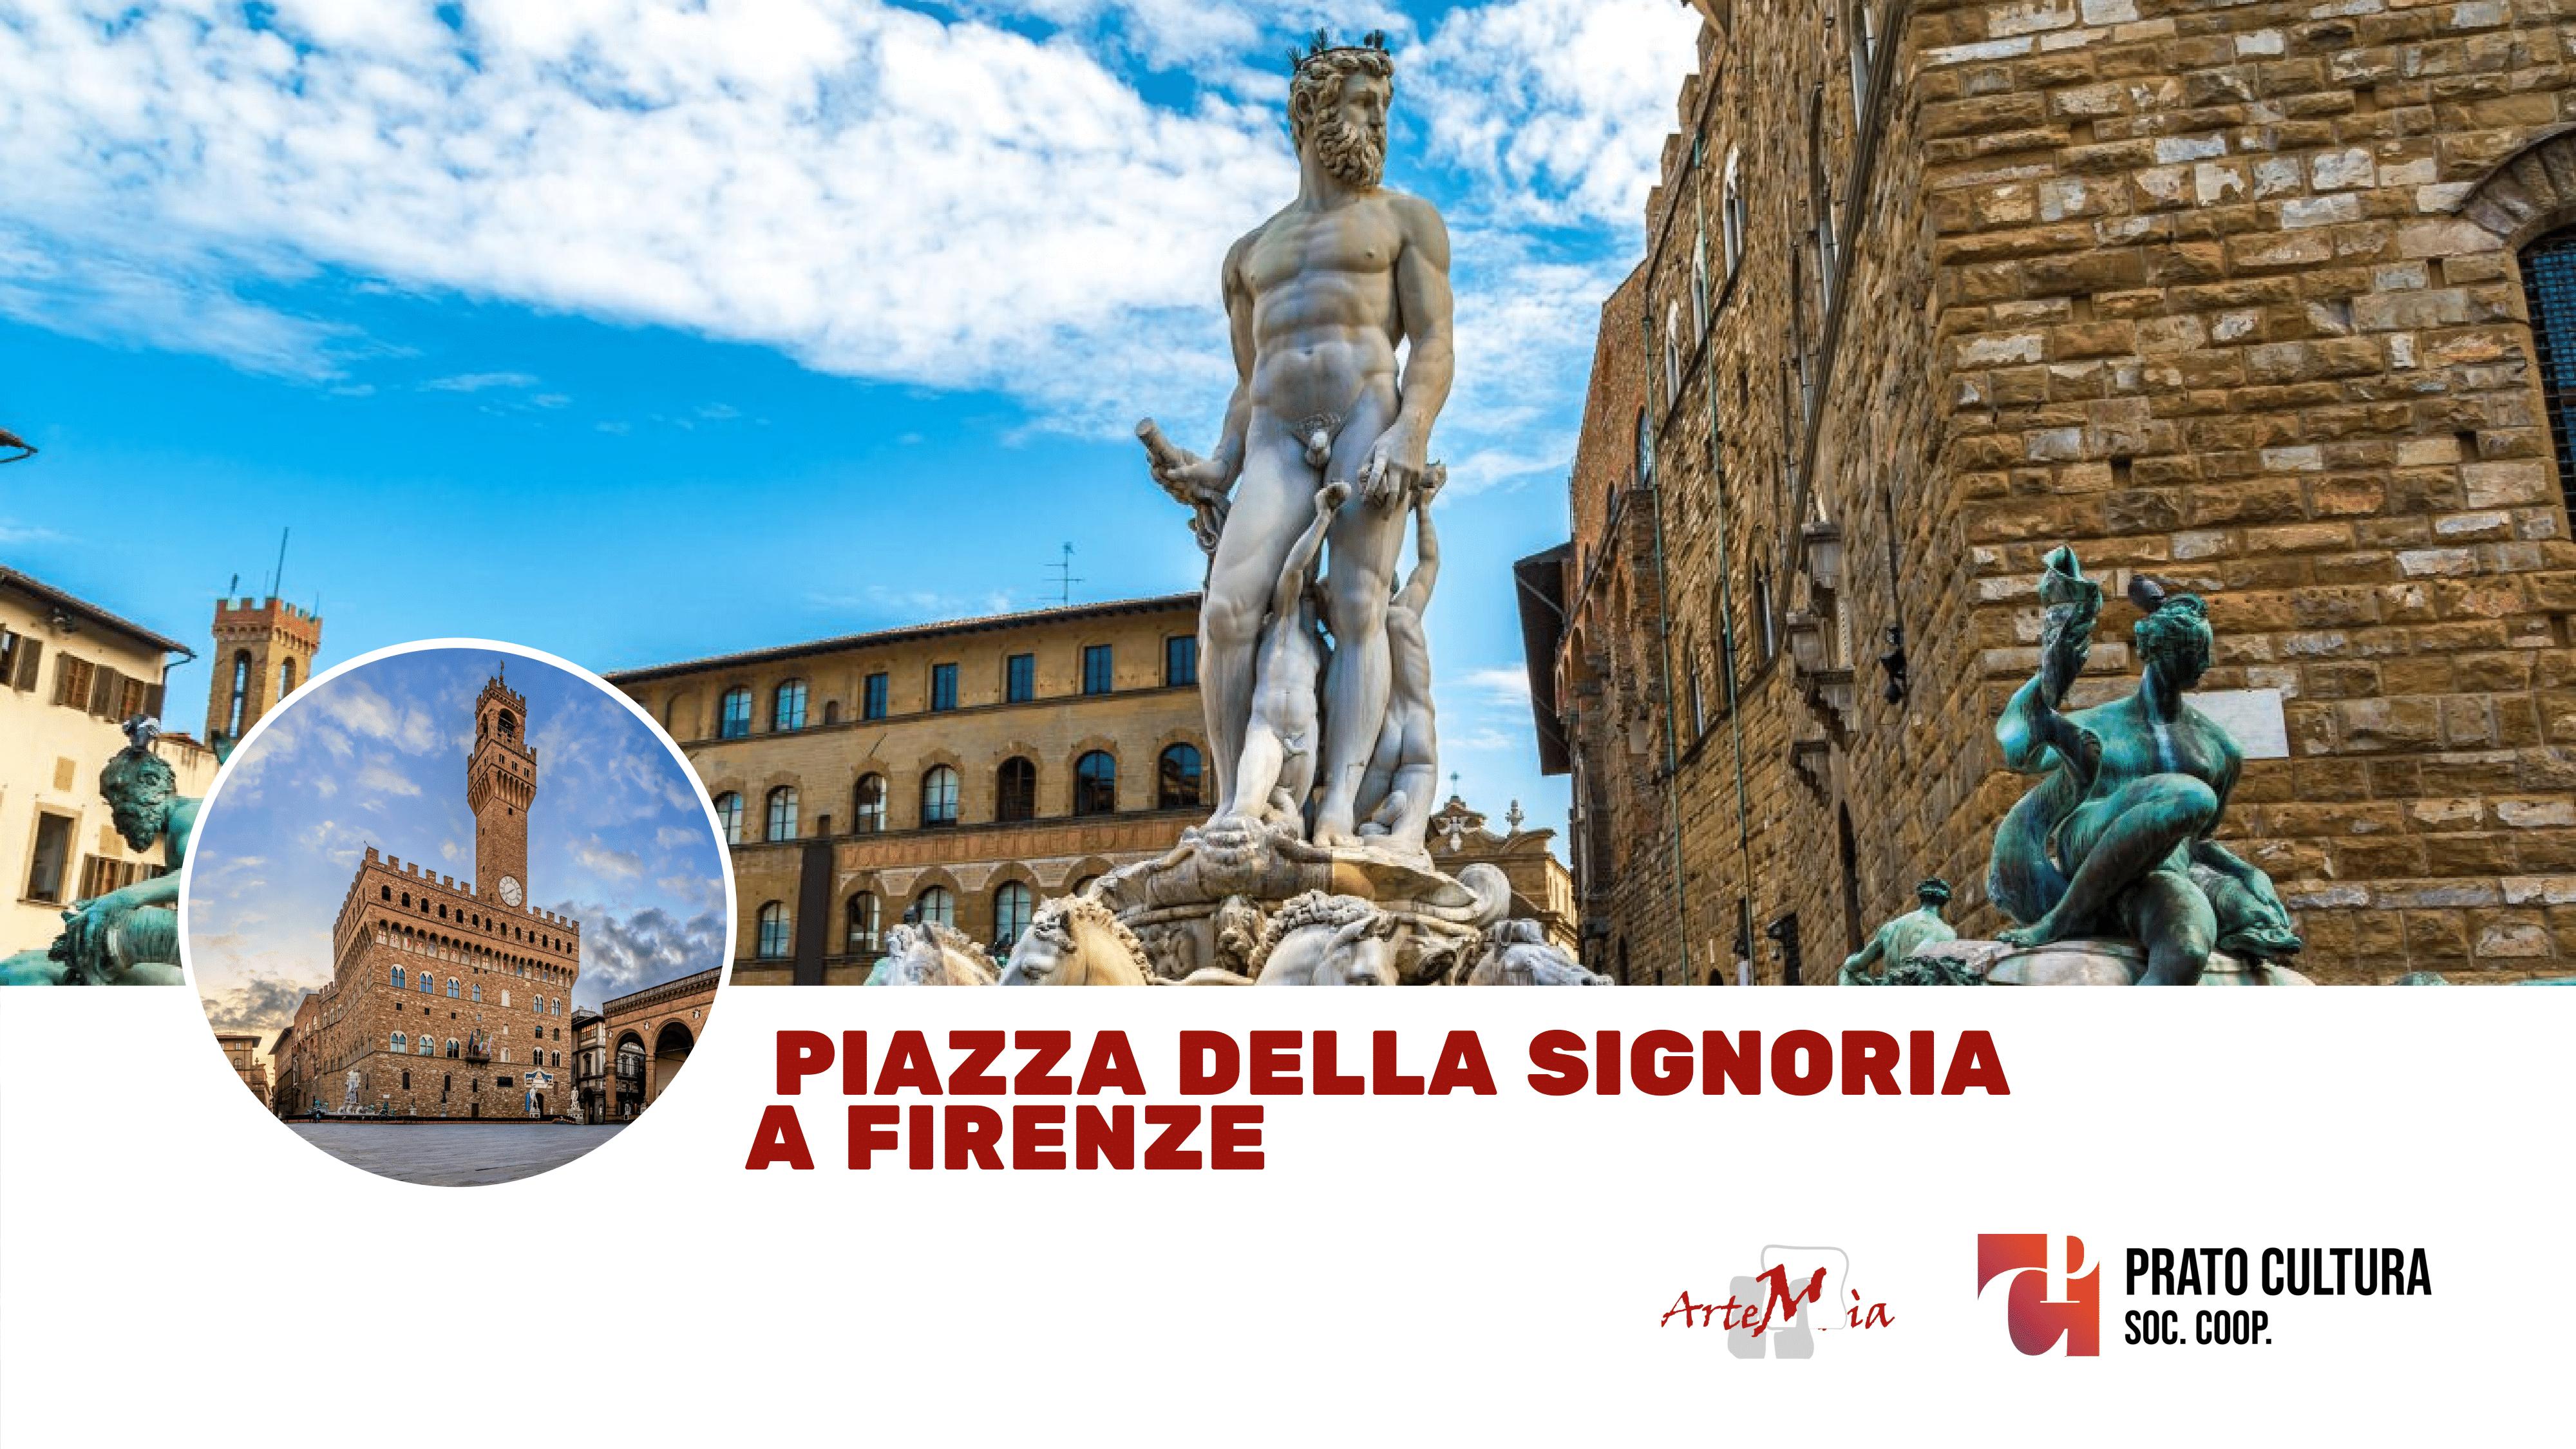 Visita: Piazza della Signoria a Firenze